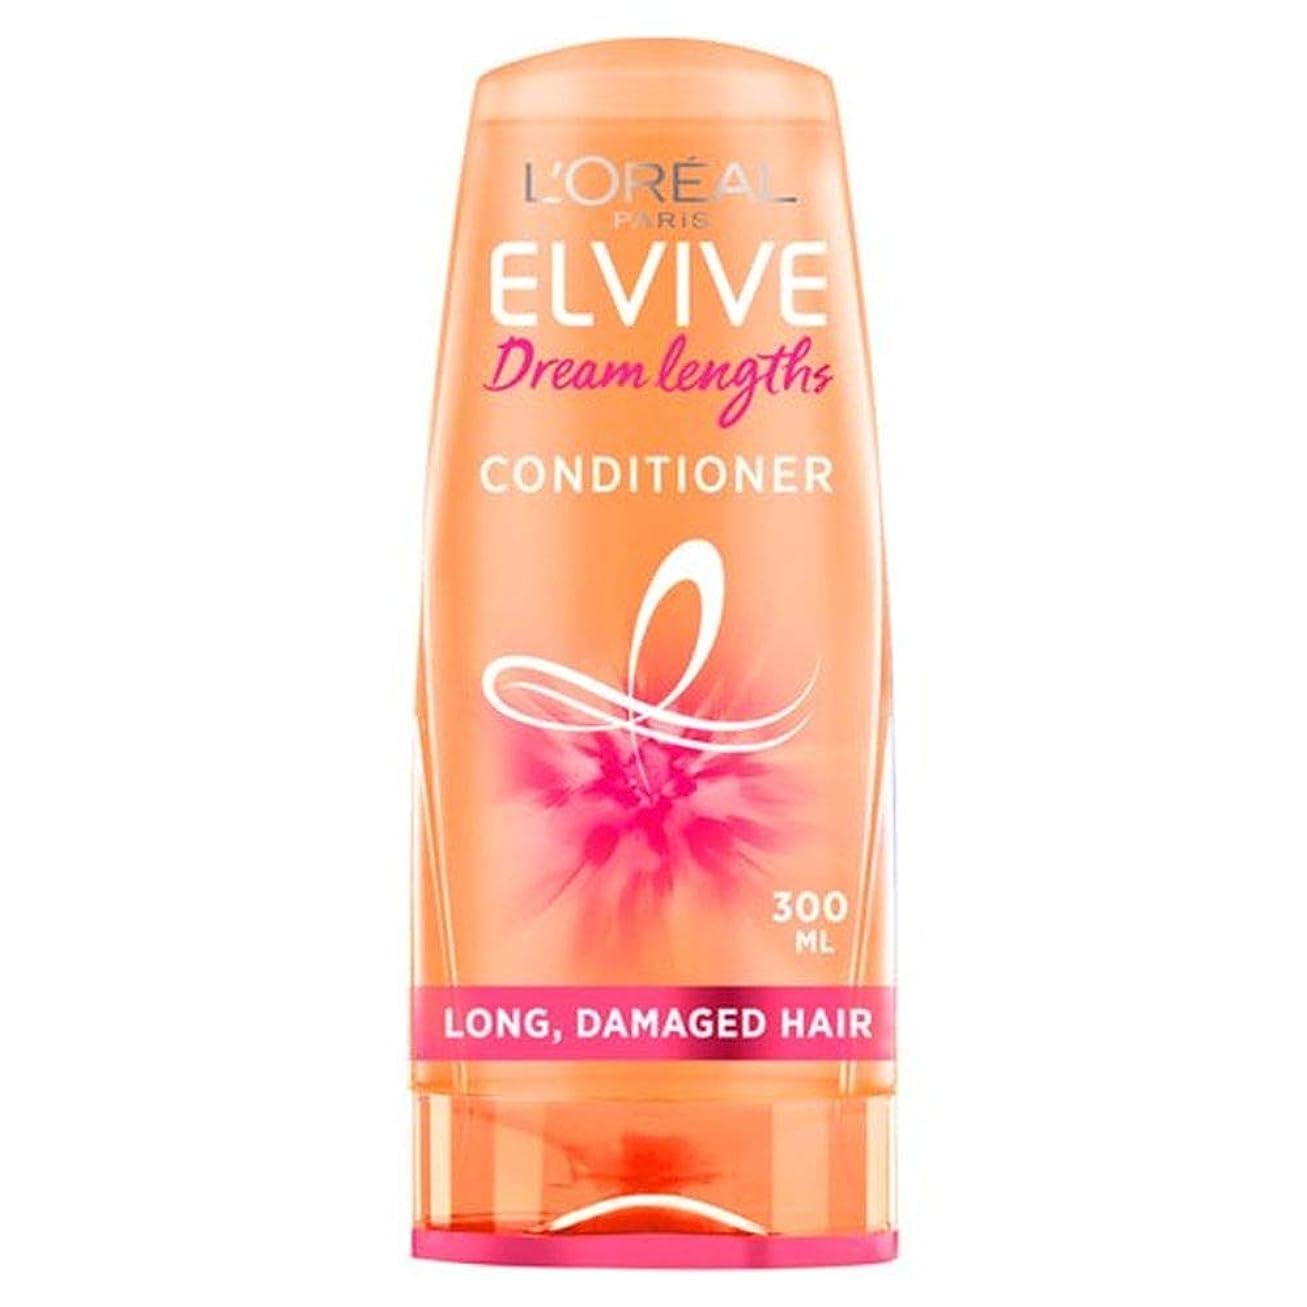 不運幸福宣言する[Elvive] ロレアルはElvive長ヘアコンディショナー300ミリリットルの夢 - L'oreal Elvive Dream Lengths Hair Conditioner 300Ml [並行輸入品]